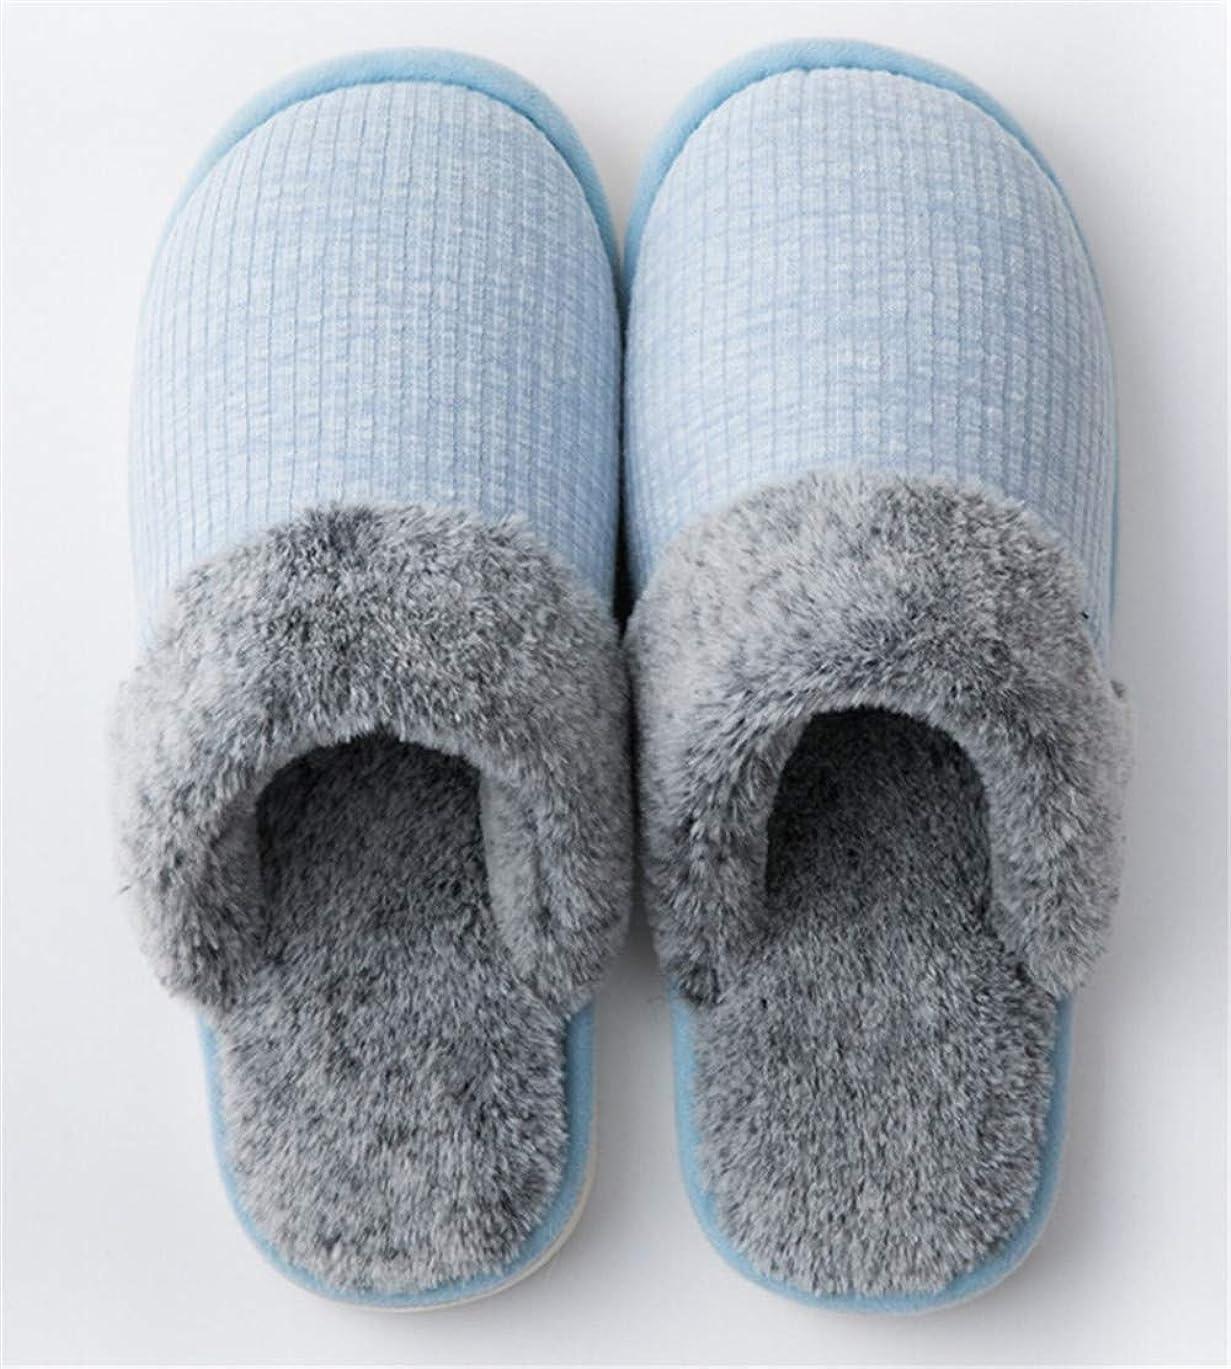 ベスト分離する浮浪者[Yusoi] レディース メンズ あったか 秋冬 サンダル スリッパ 綿 ボア 履きやすい フラットシューズ ペタンコ